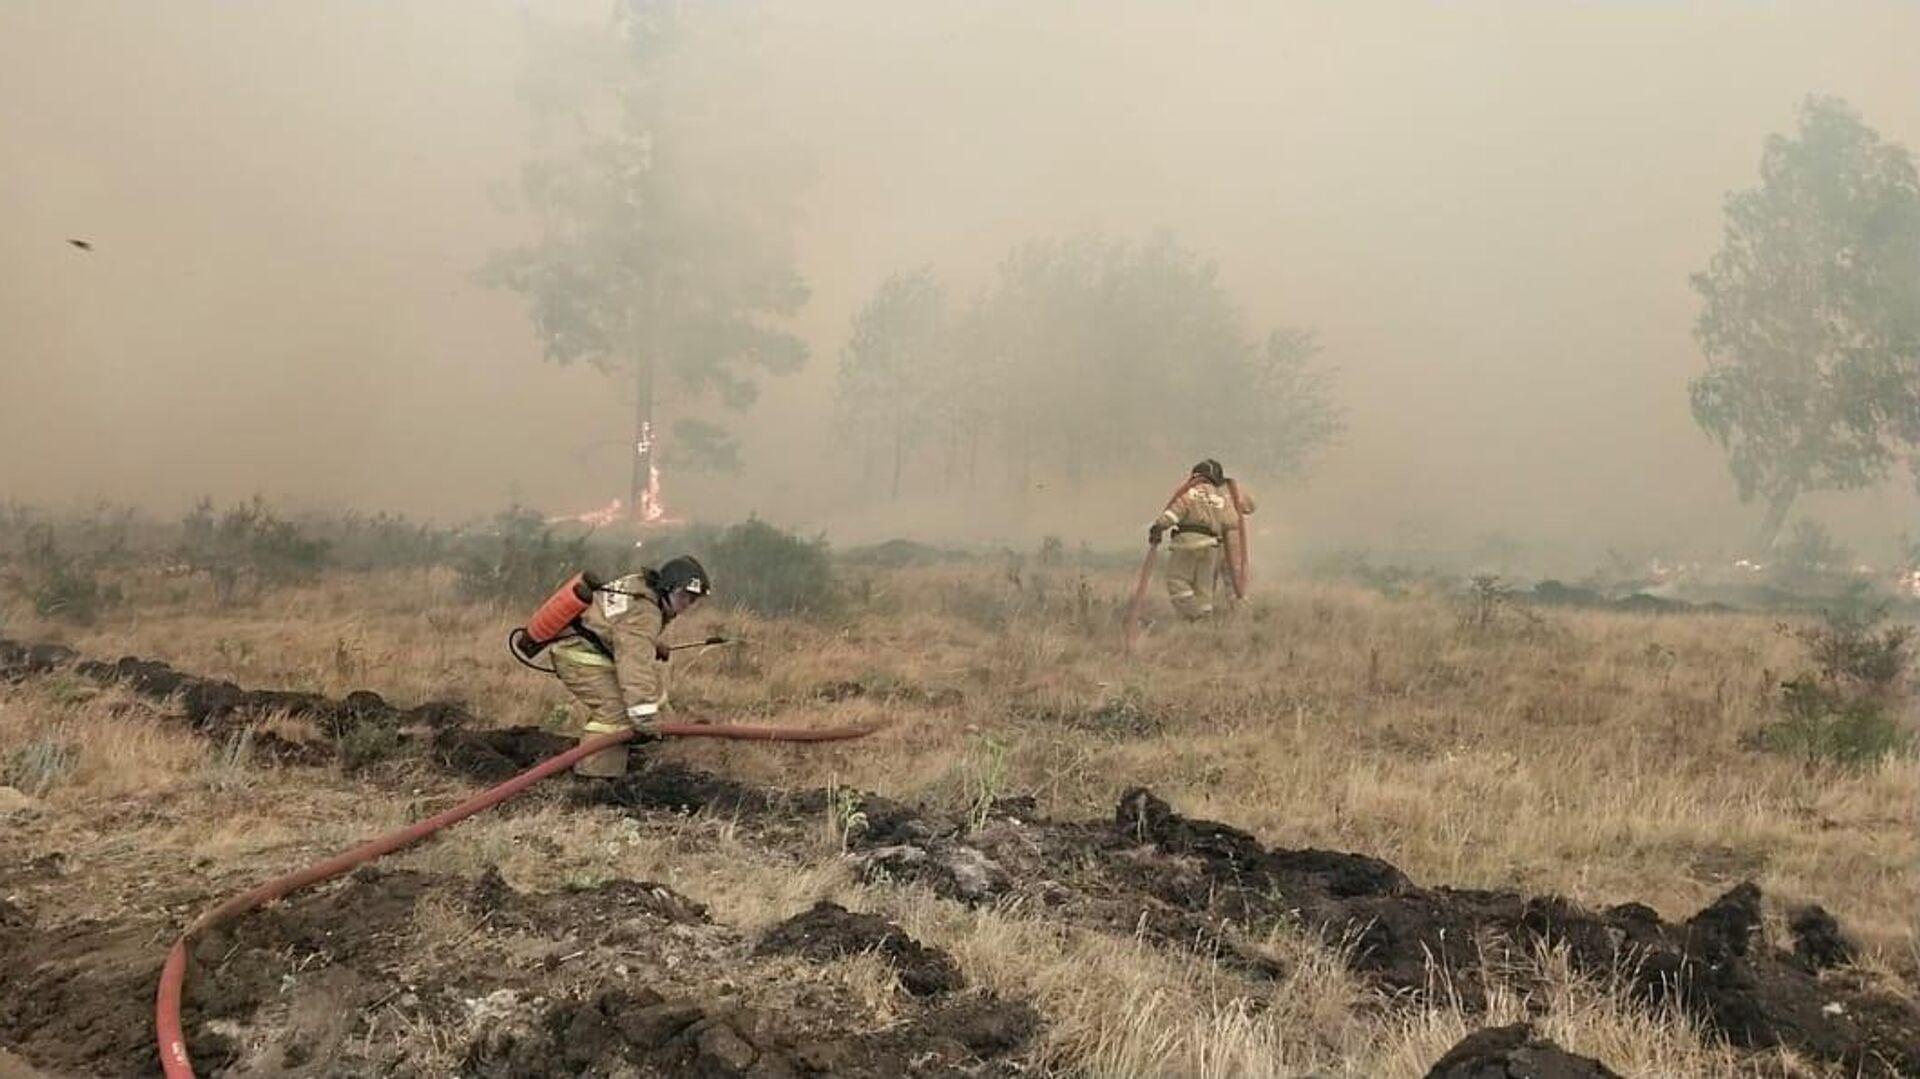 Сотрудники МЧС во время тушения лесного пожара в Челябинской области - РИА Новости, 1920, 20.07.2021